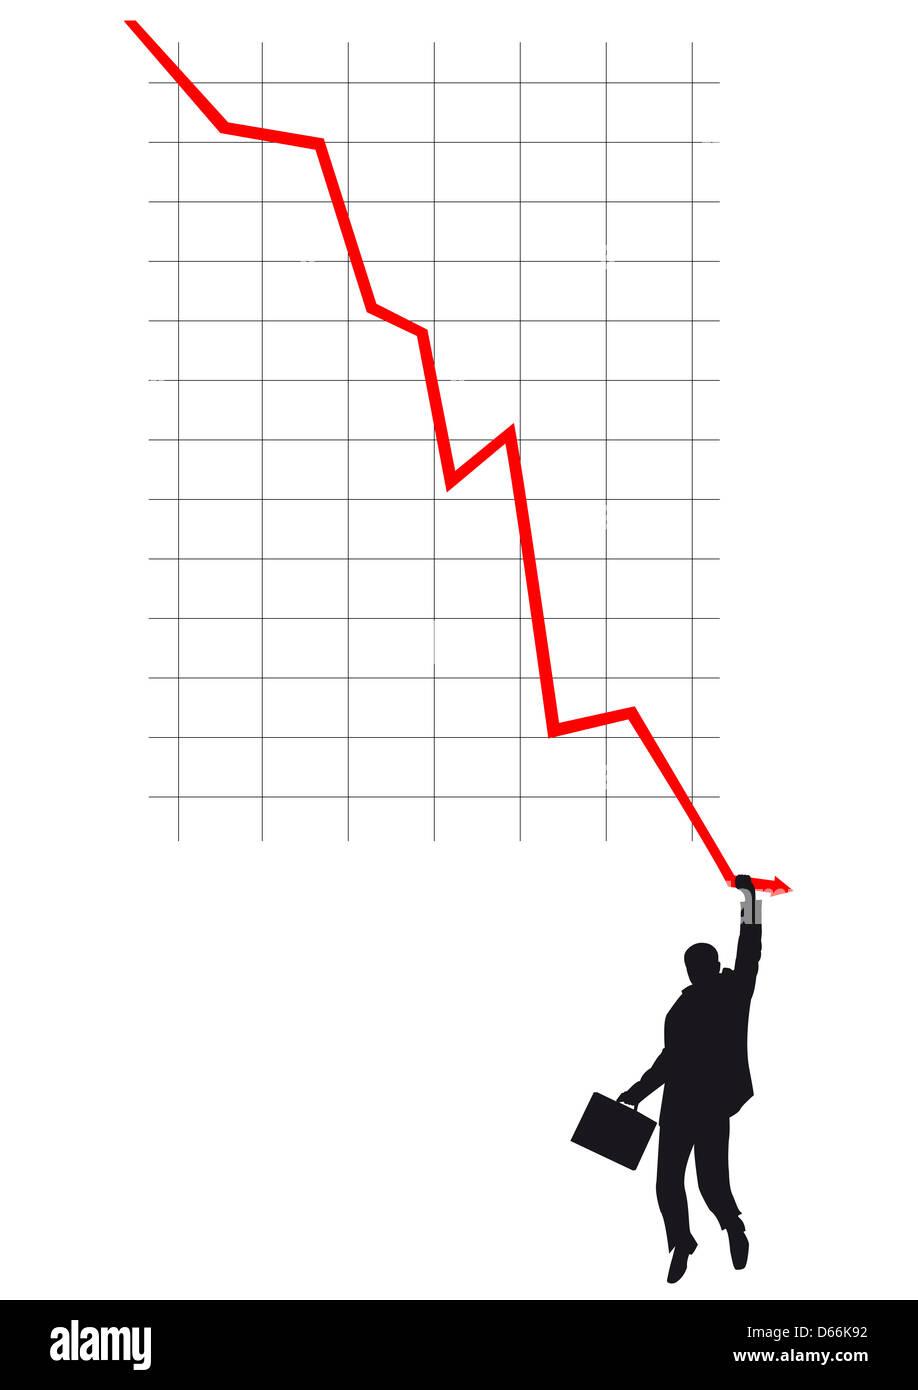 Silhouette di uomini di affari aggrappati alla caduta di linea rossa sul grafico Immagini Stock